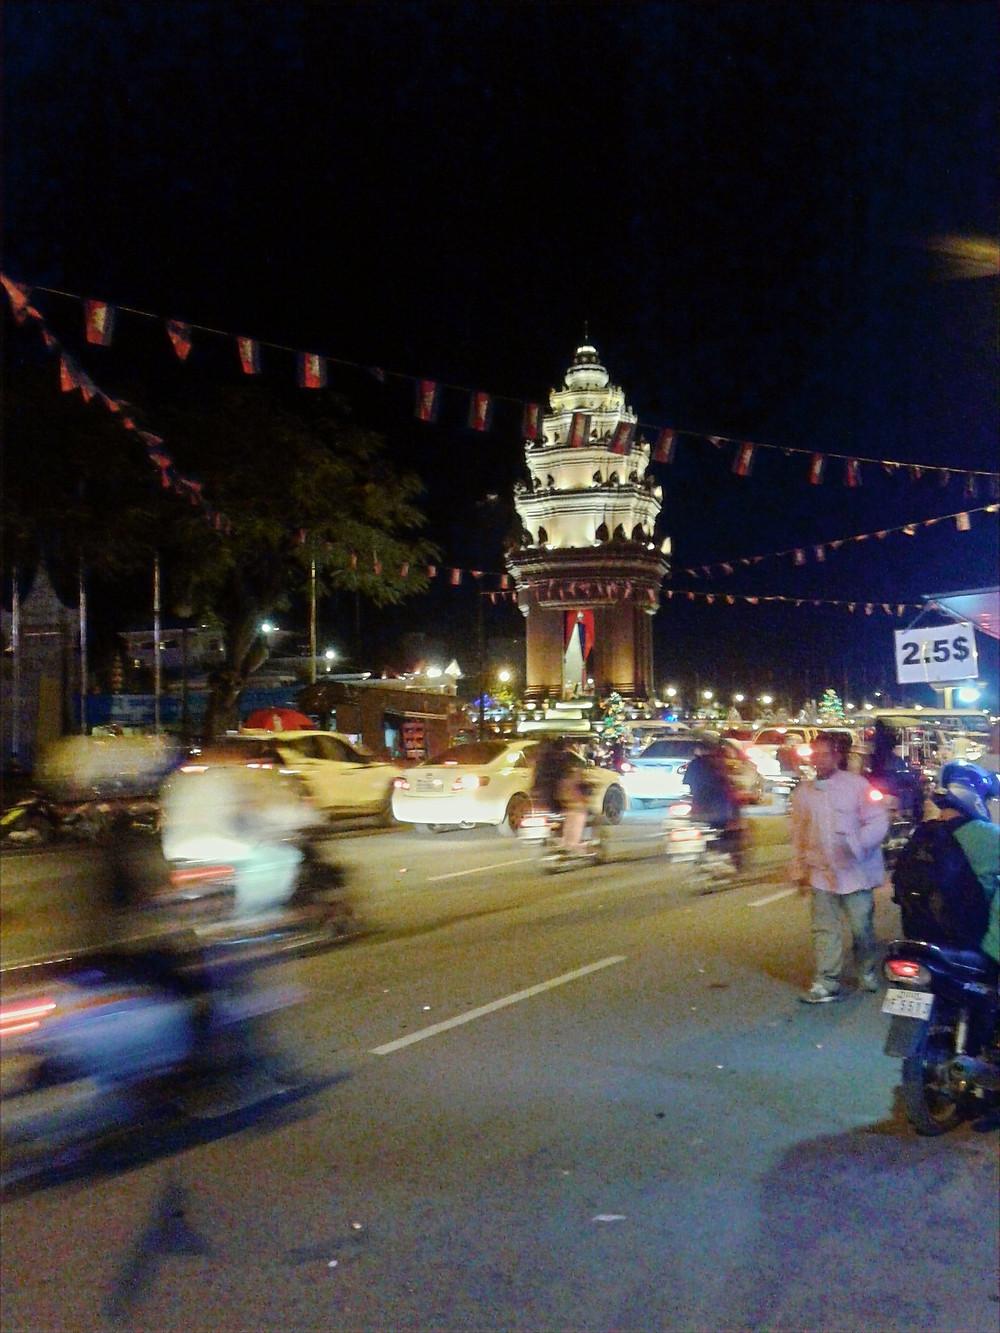 Phnom Penh, Independence Monument, ulica, motory, samochody, ruch uliczny, noc